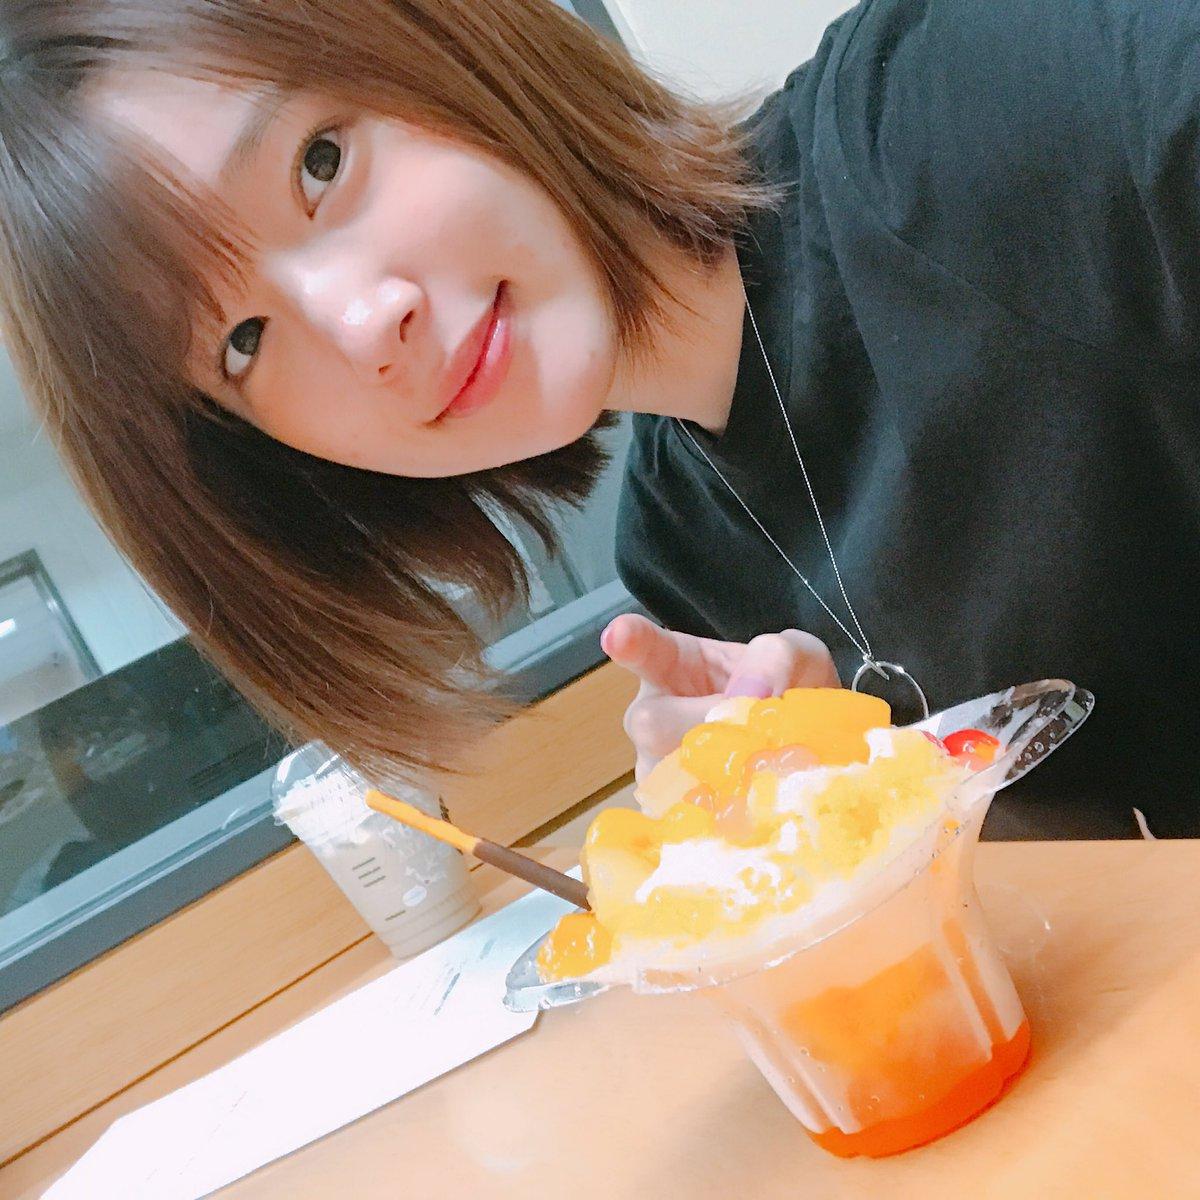 A&Gサマーフェスティバル 台湾カキ氷ー(=^x^=)💕こんな感じ‼︎あしたまで!(=^x^=)💕 pic.twitter.com/Jhh60qZFPn